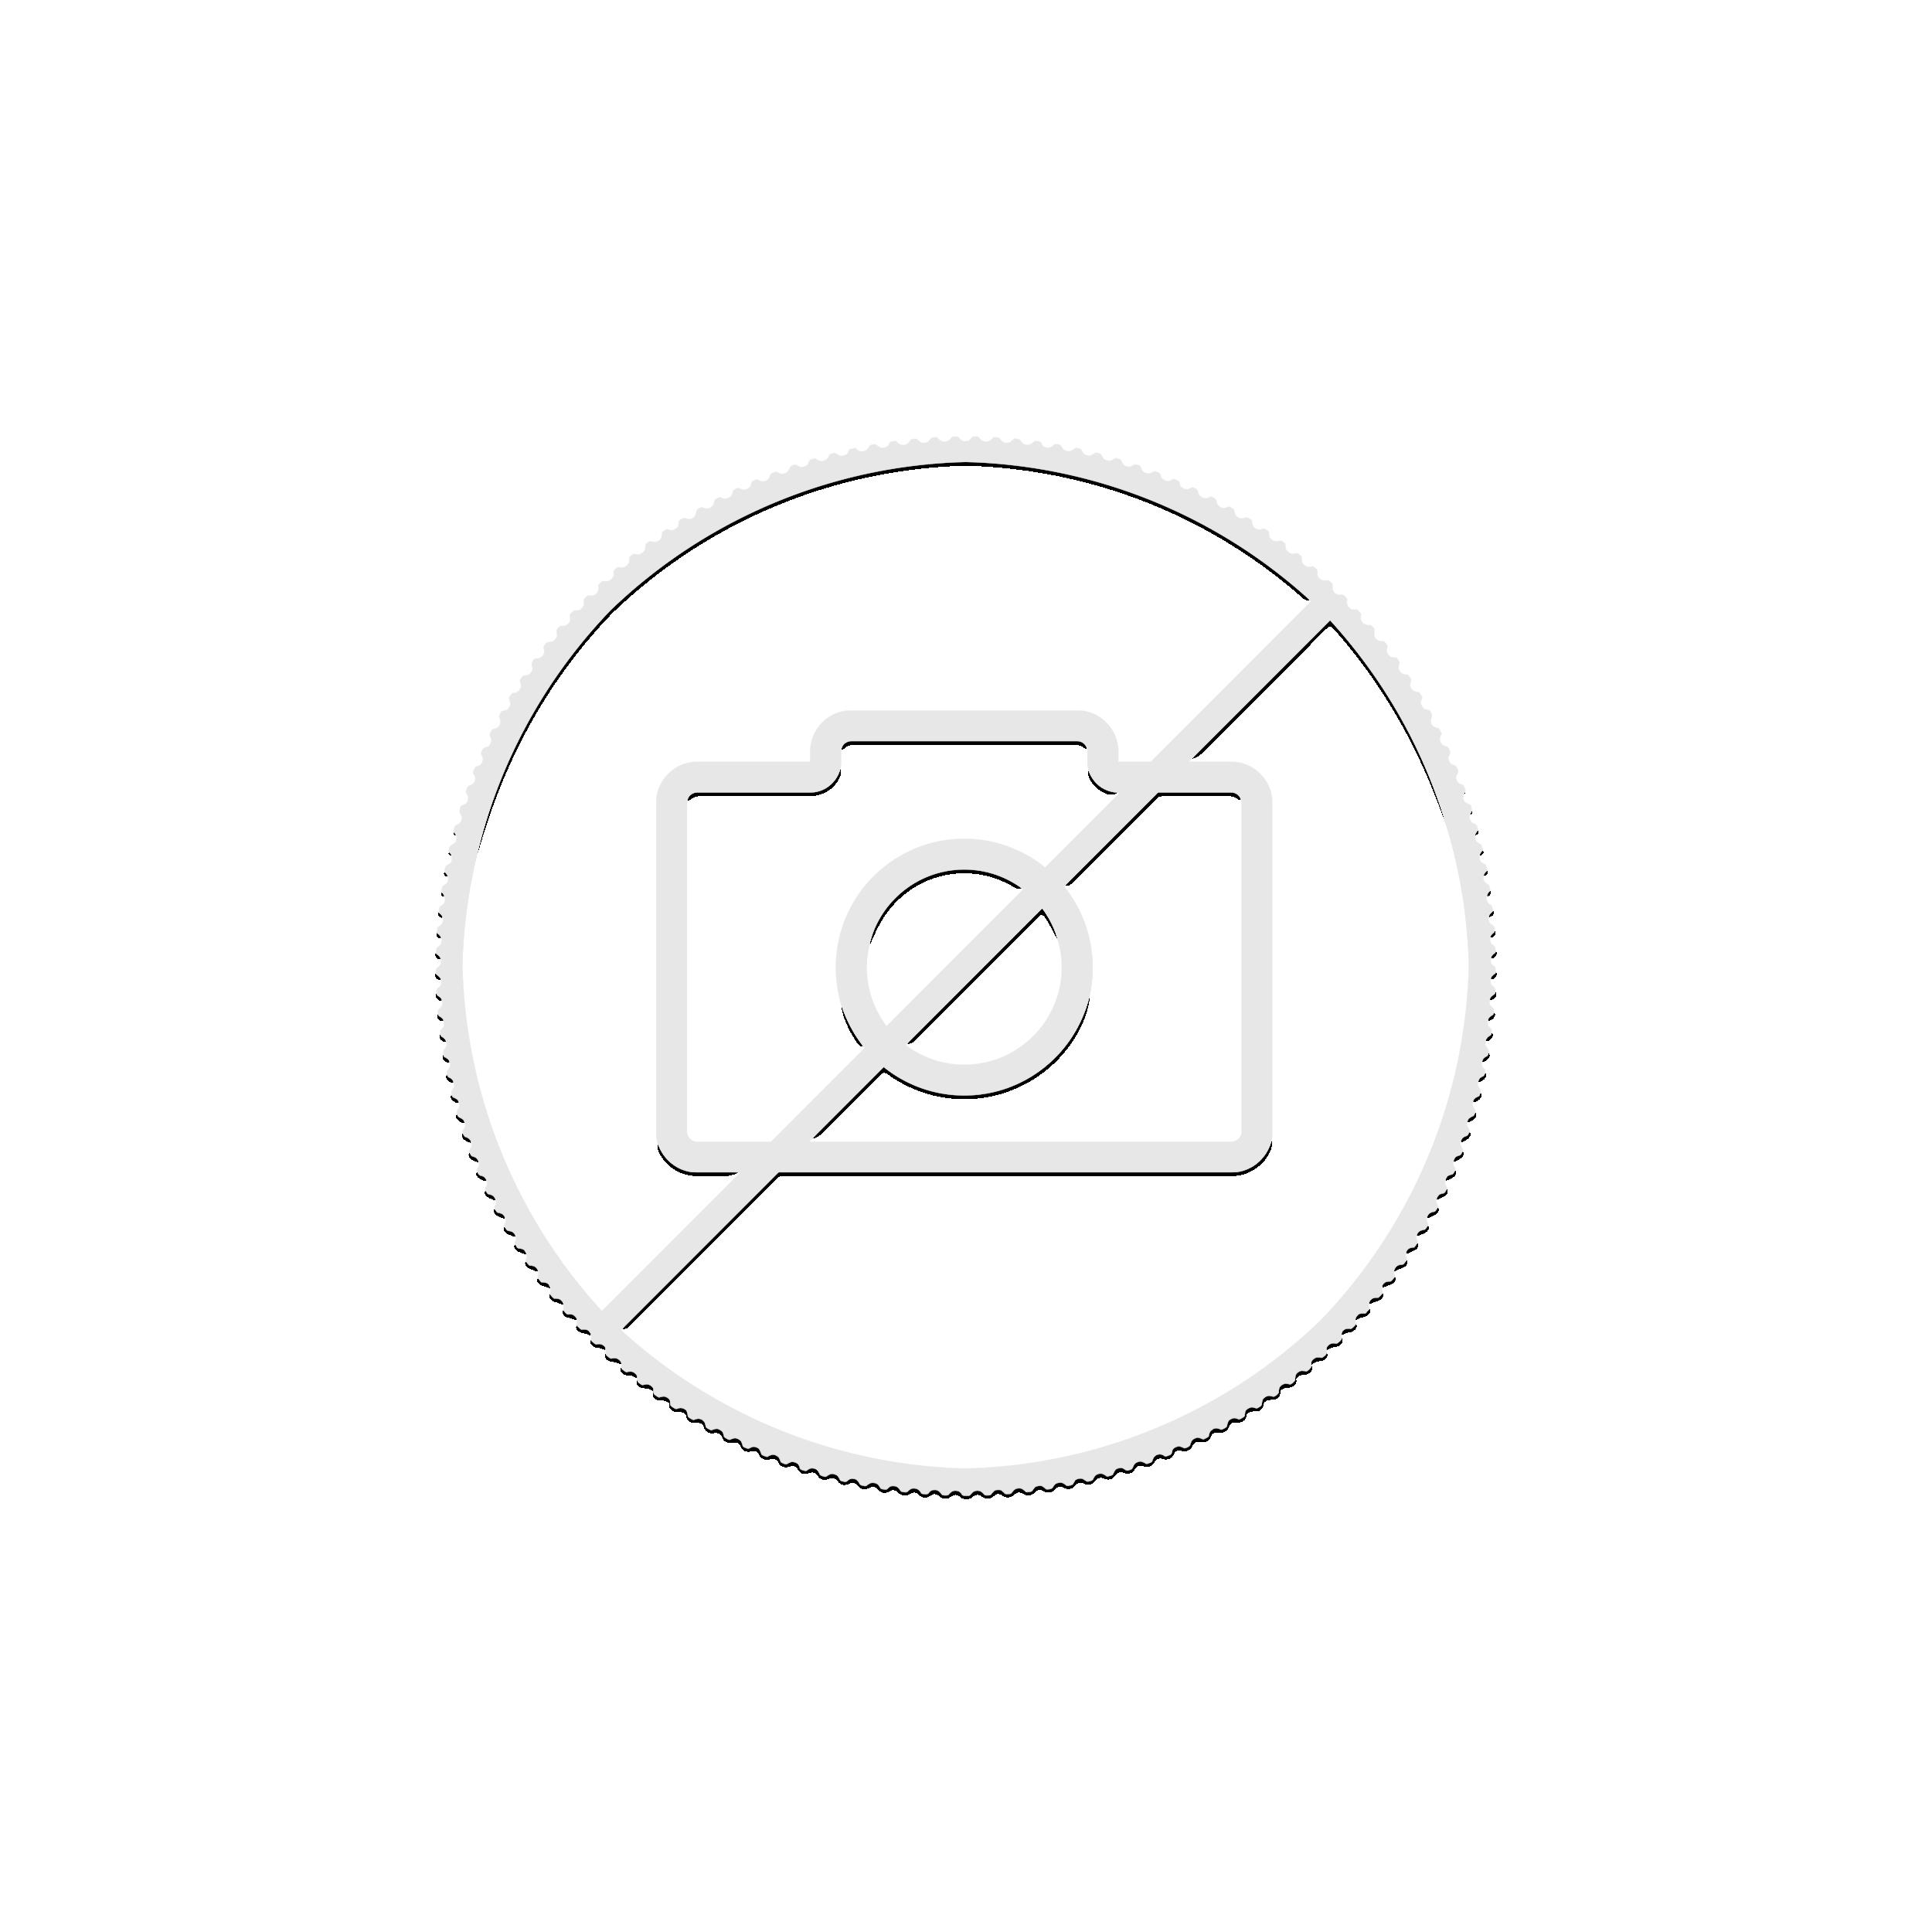 10 troy ounce silver Kookaburra coin 2016